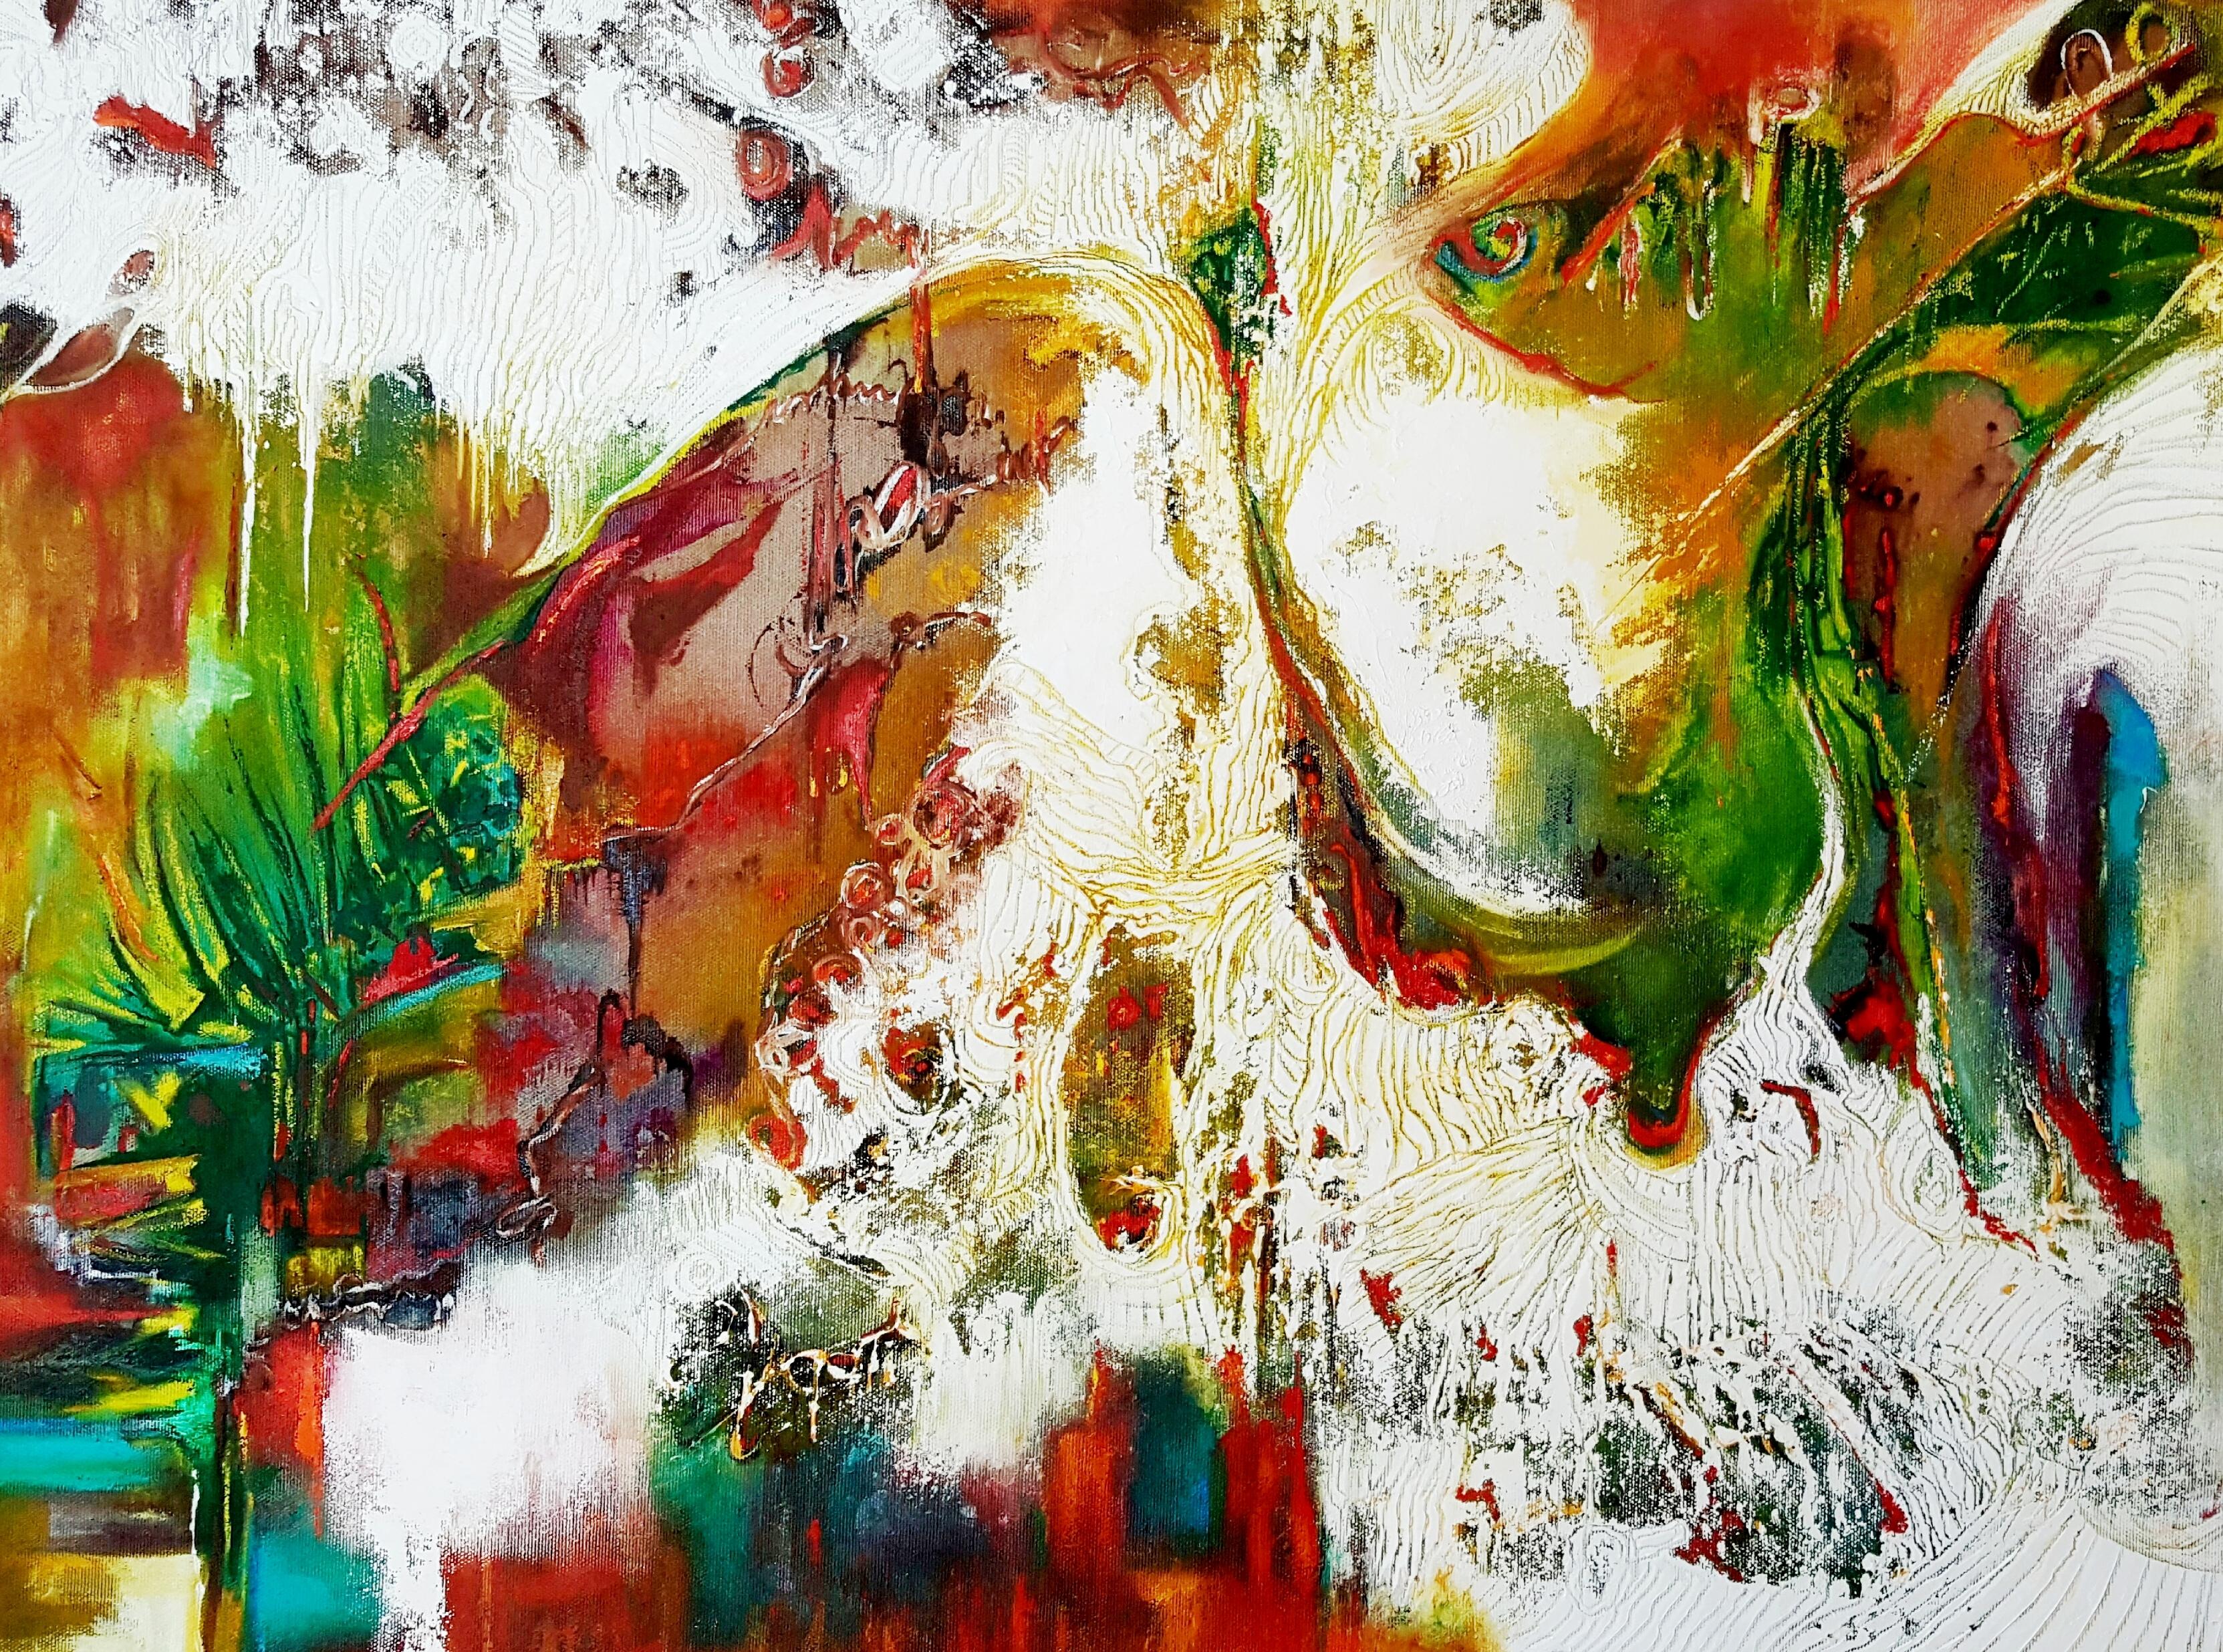 ציור אבסטרקט ציירת דורית